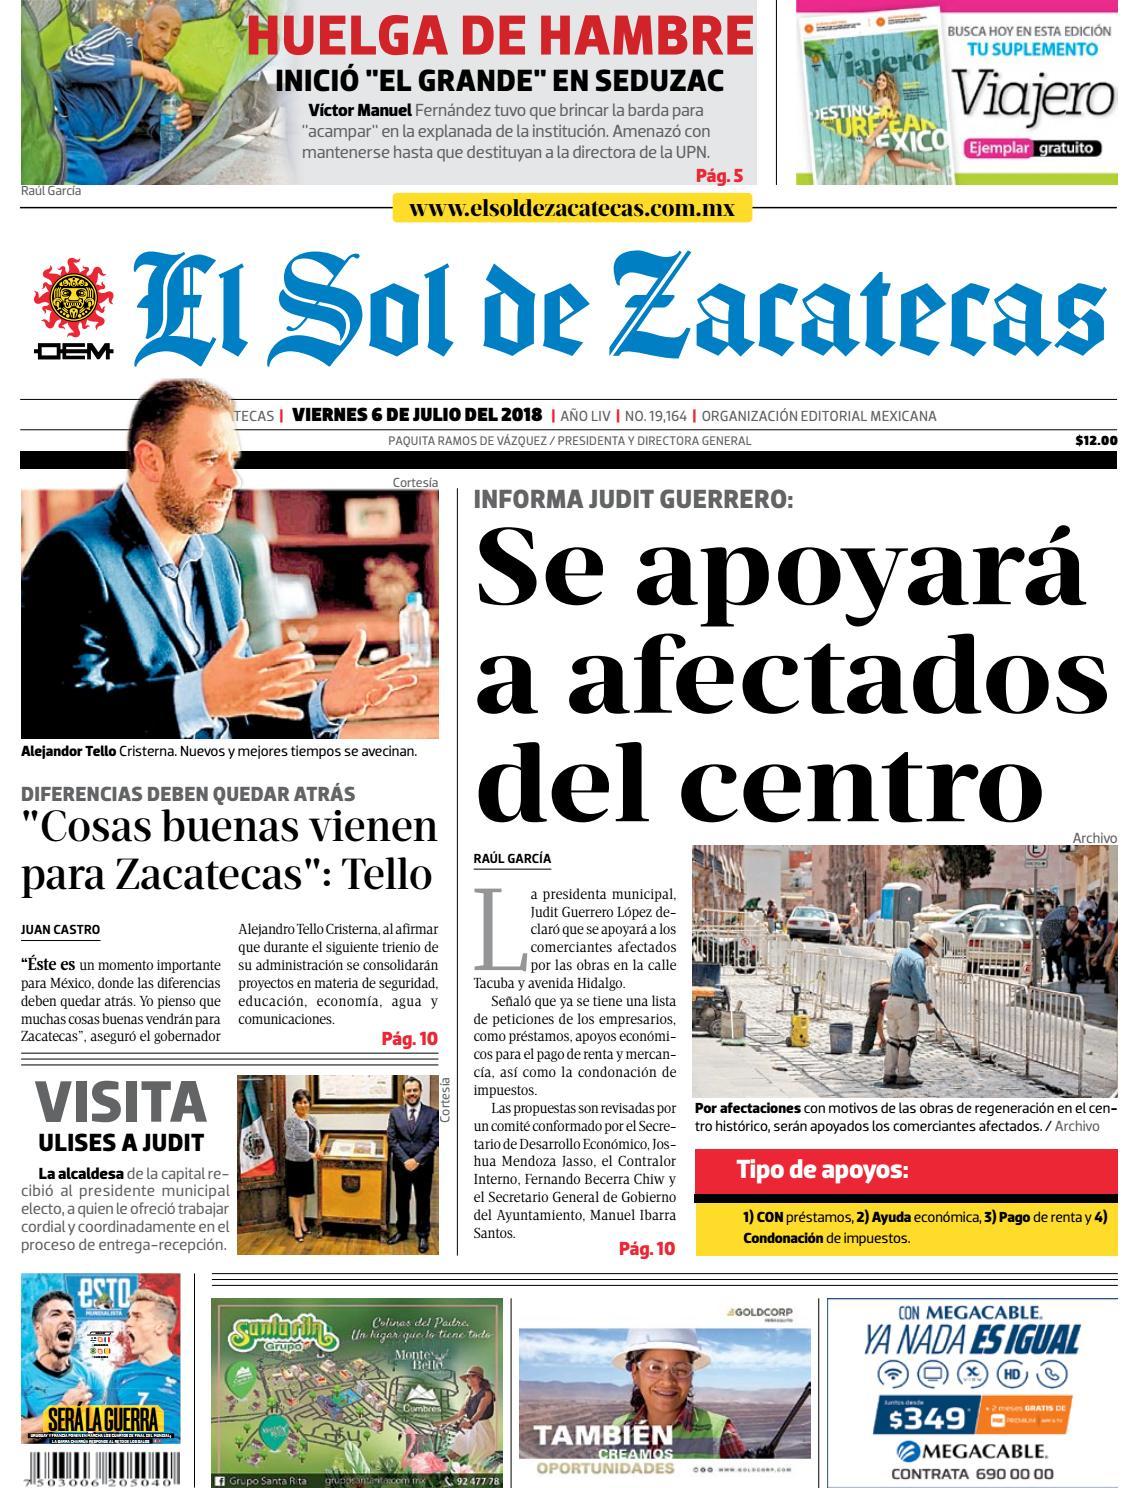 El Sol de Zacatecas 6 de julio 2018 by El Sol de Zacatecas - issuu 13057ffaf73